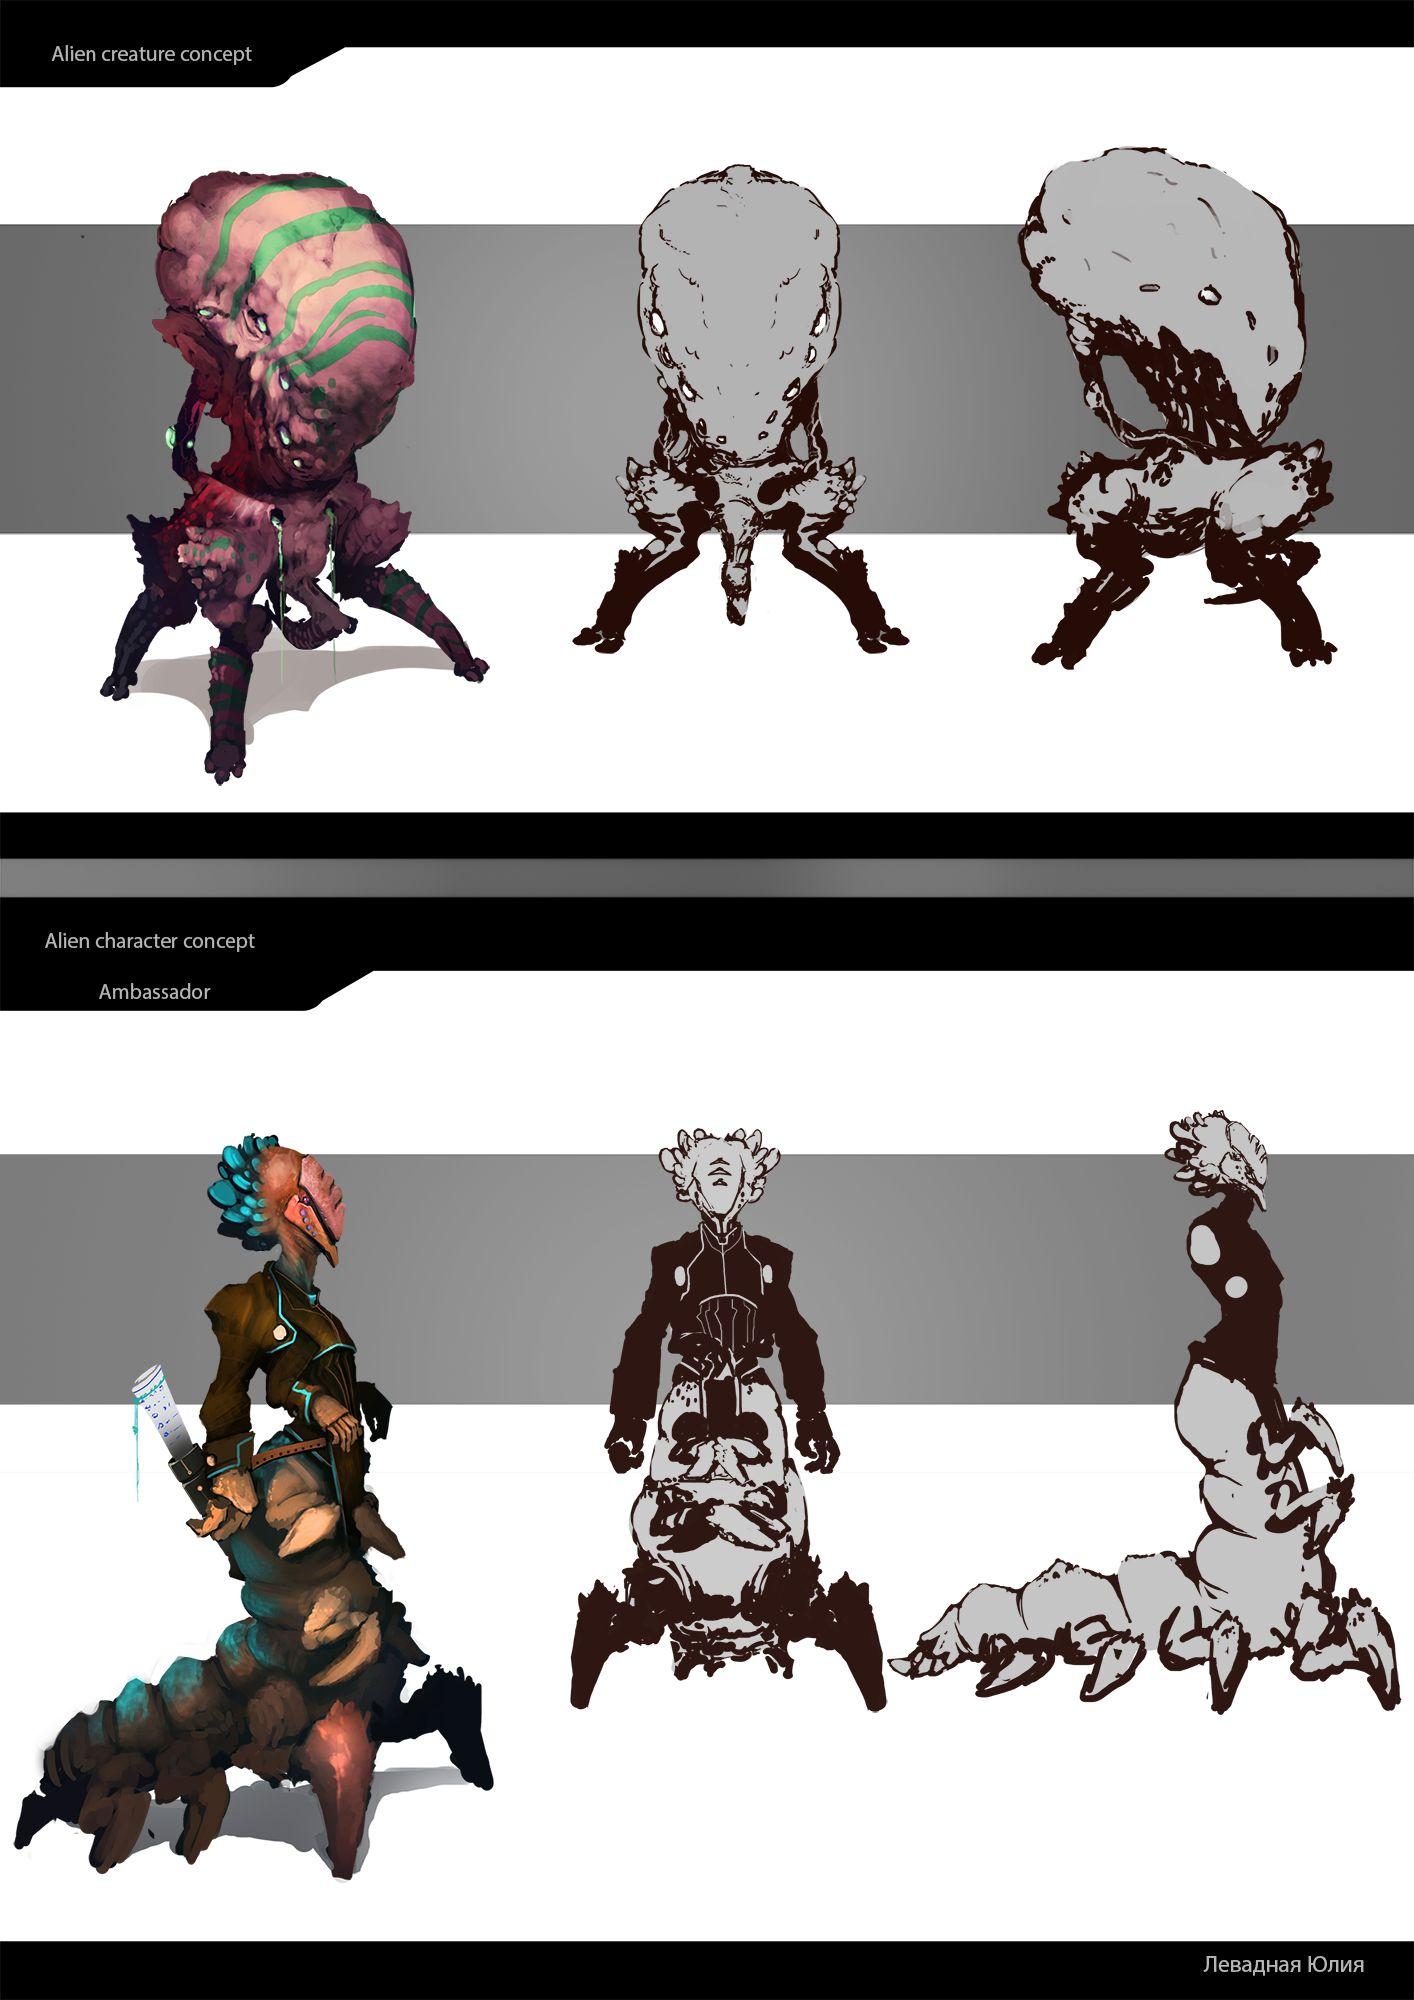 Нужен скетч персонажа для игры - дизайнер MrYulcha